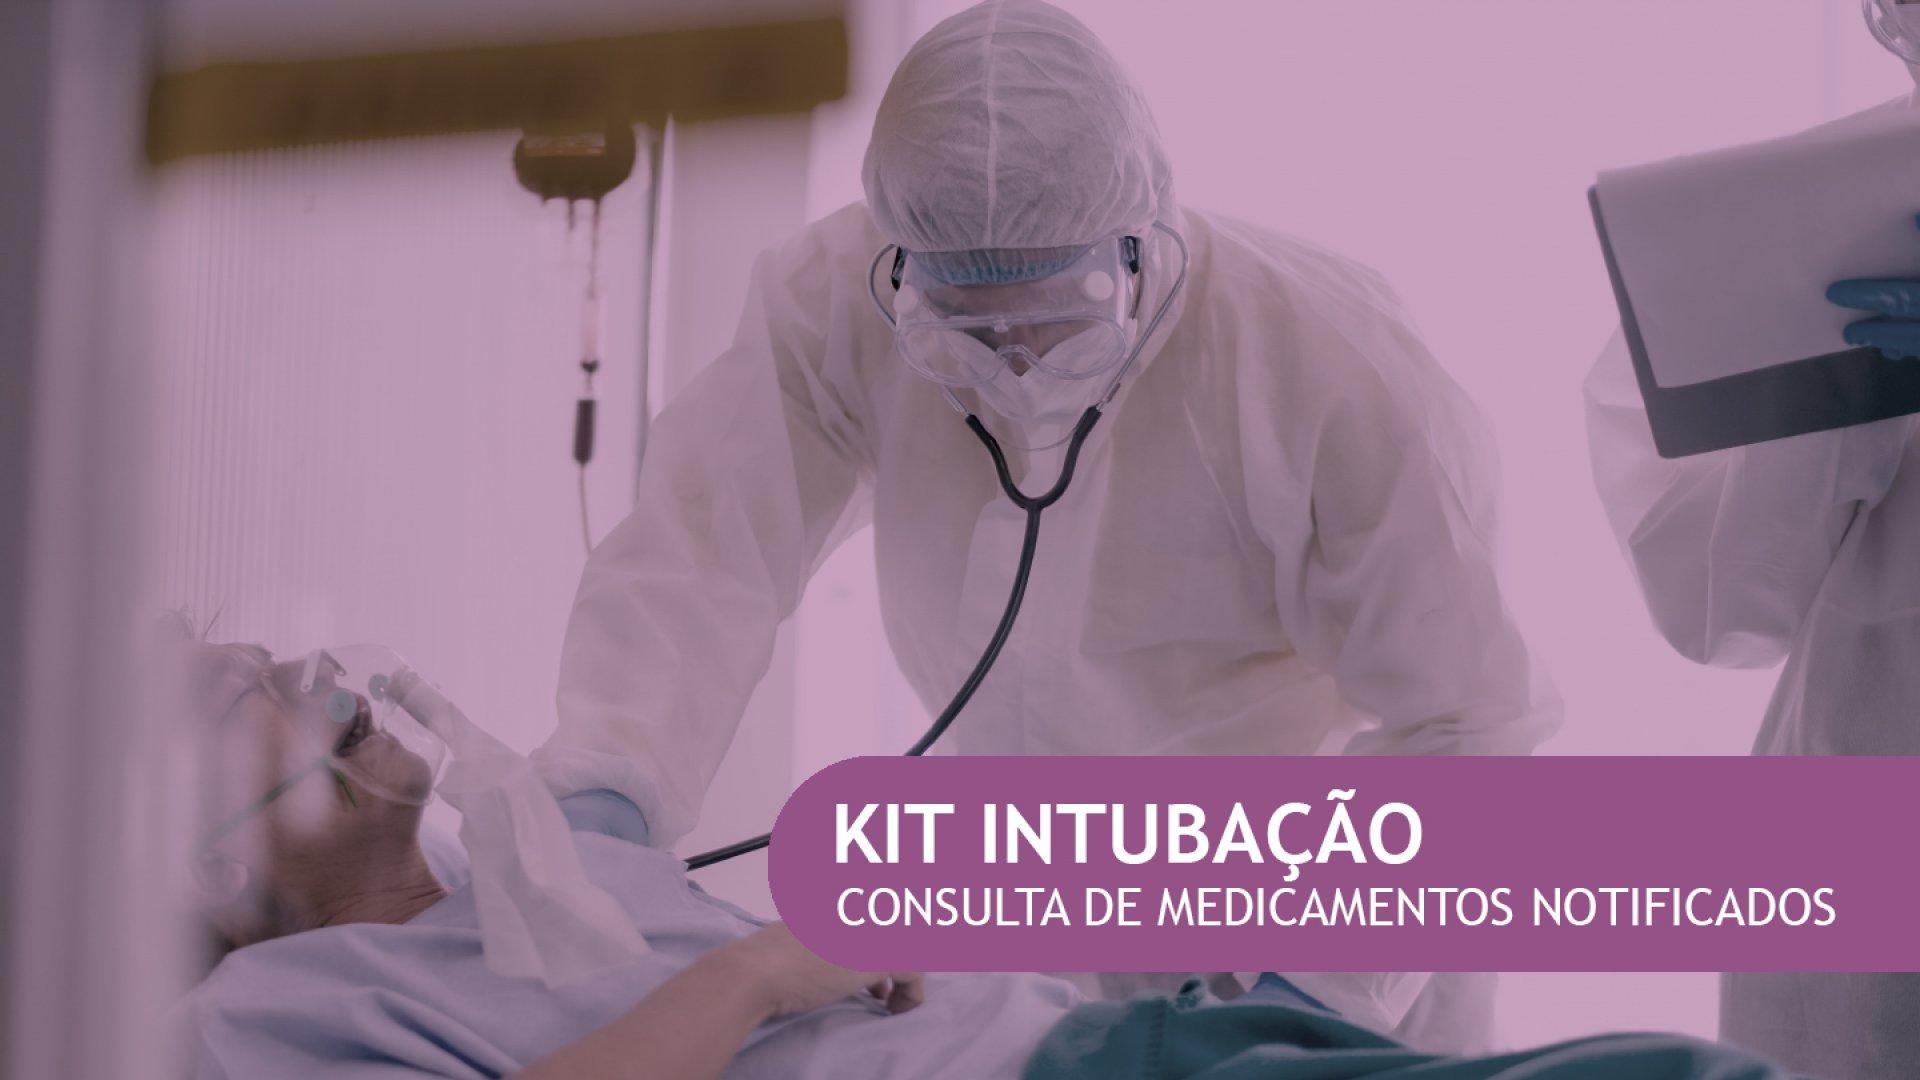 [Kit intubação - Consulta de medicamentos notificados]